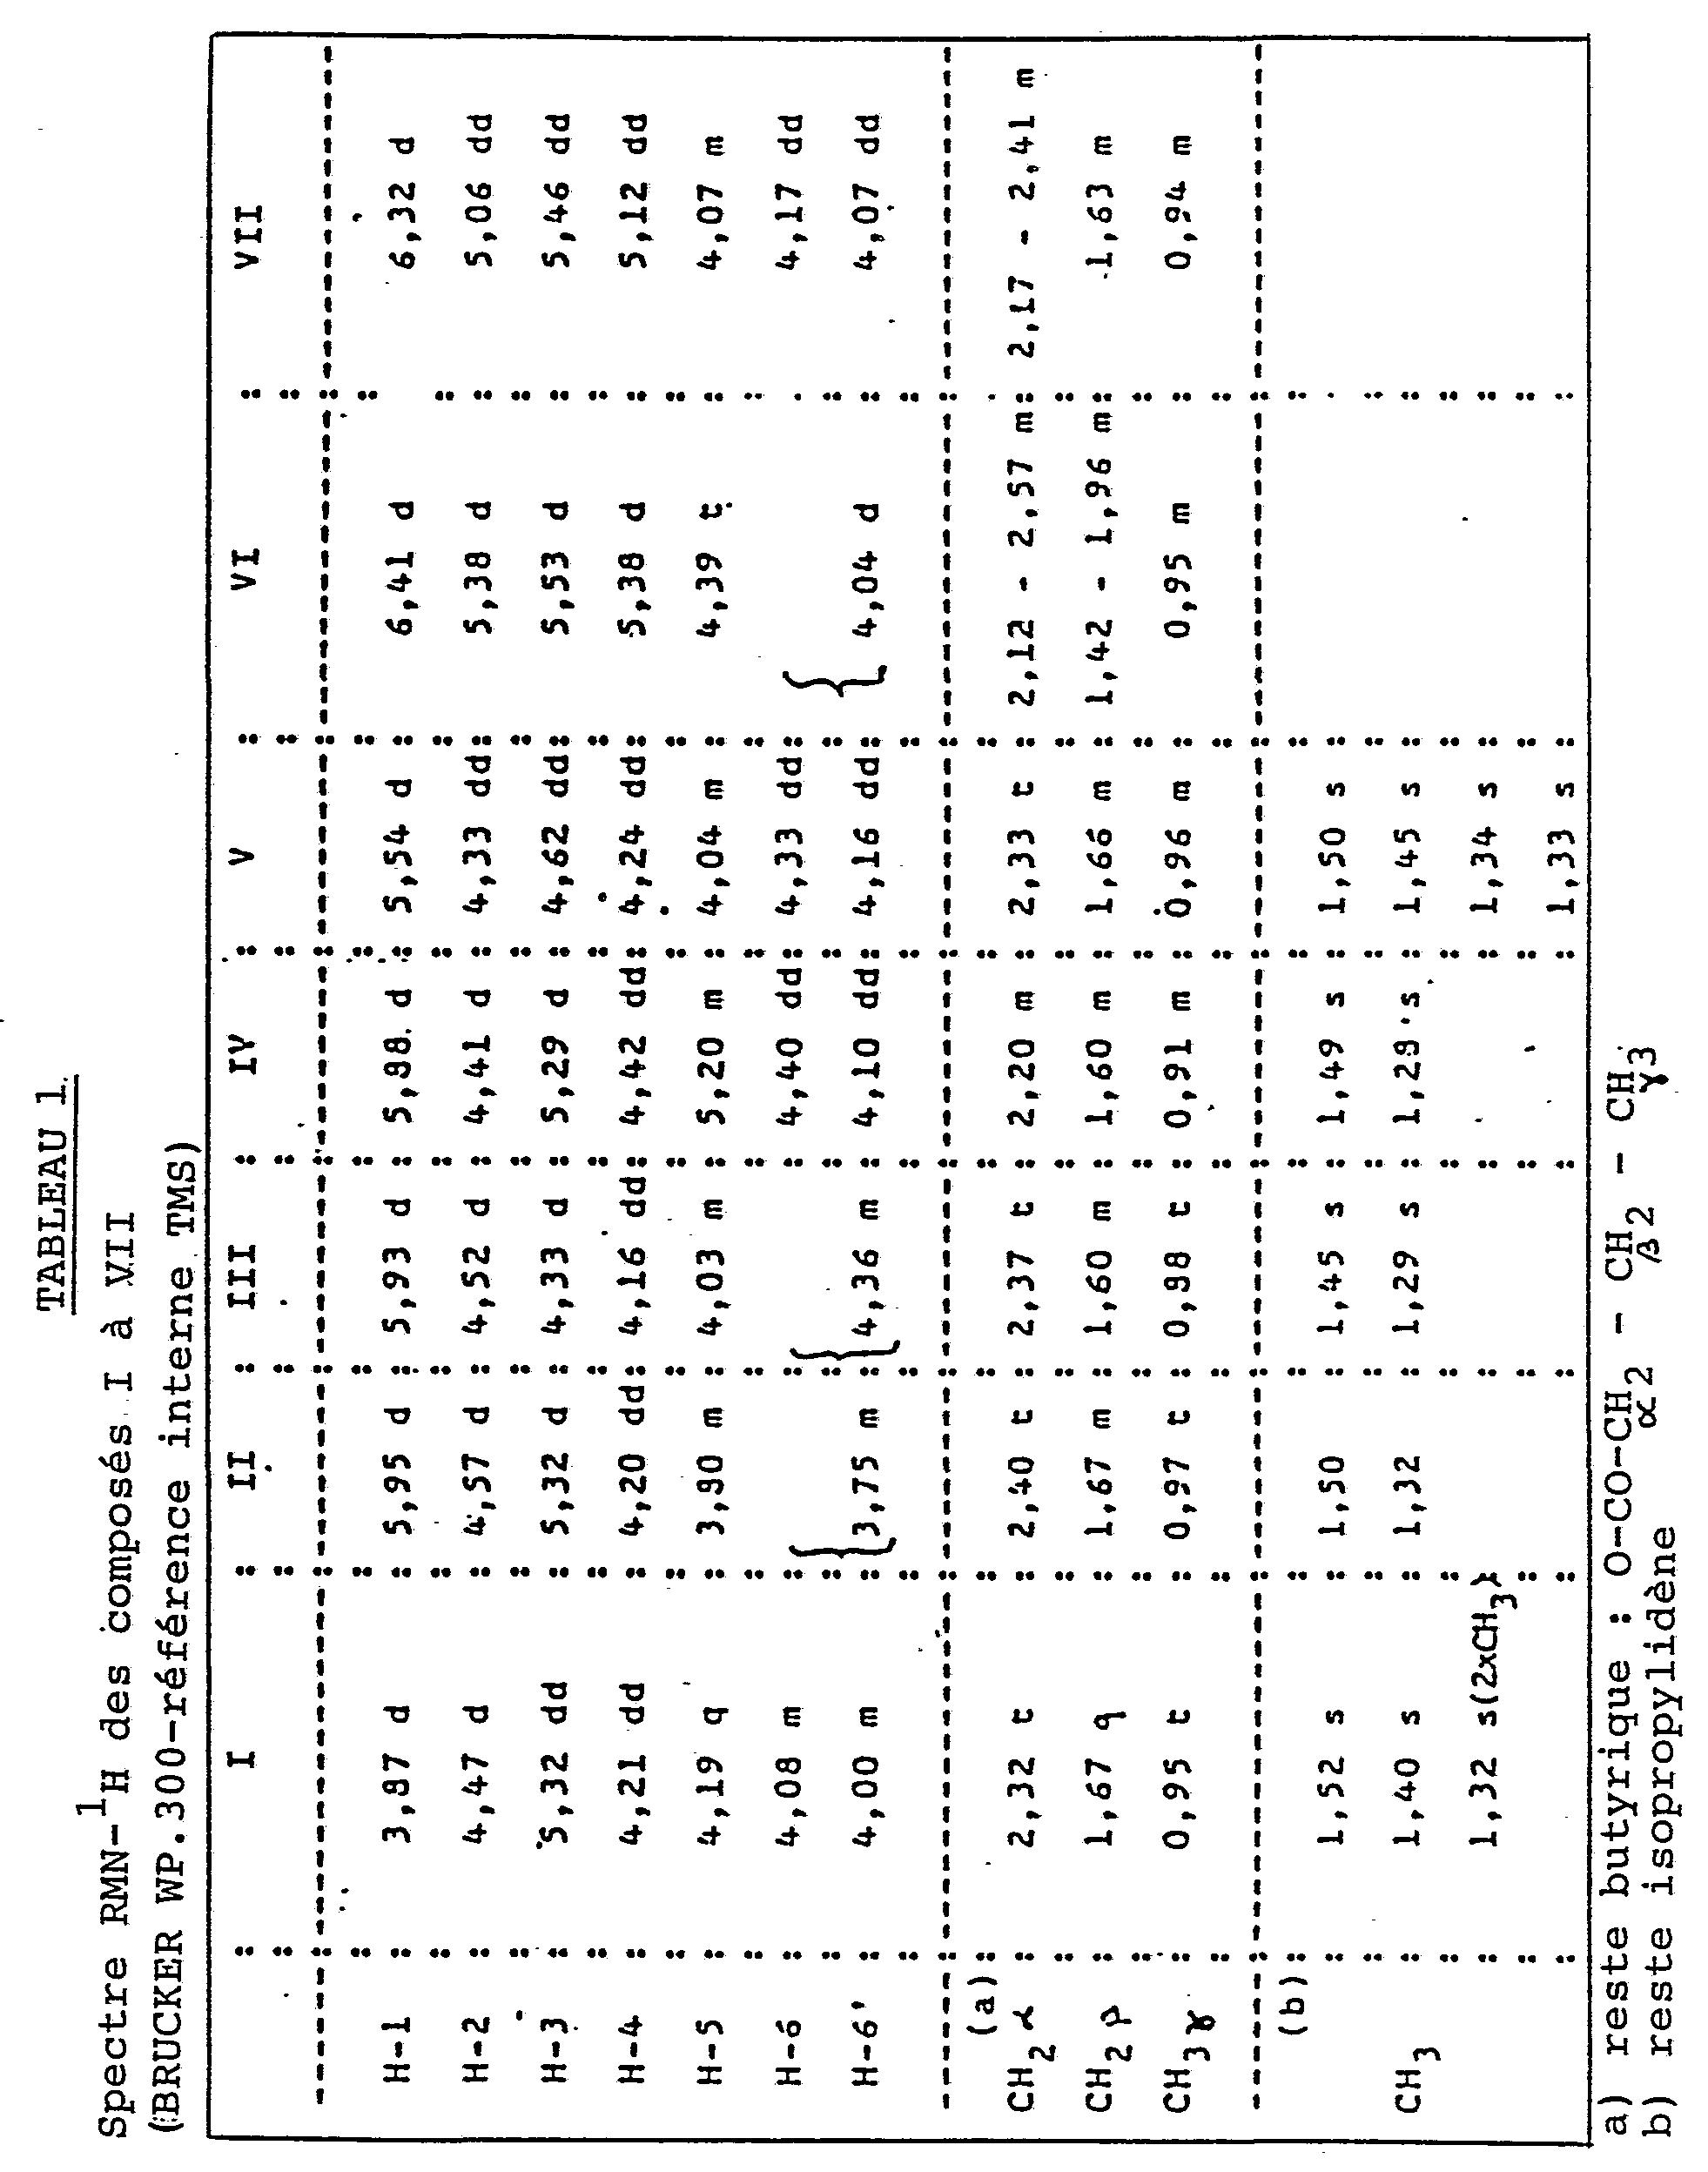 drug information for amitriptyline oral